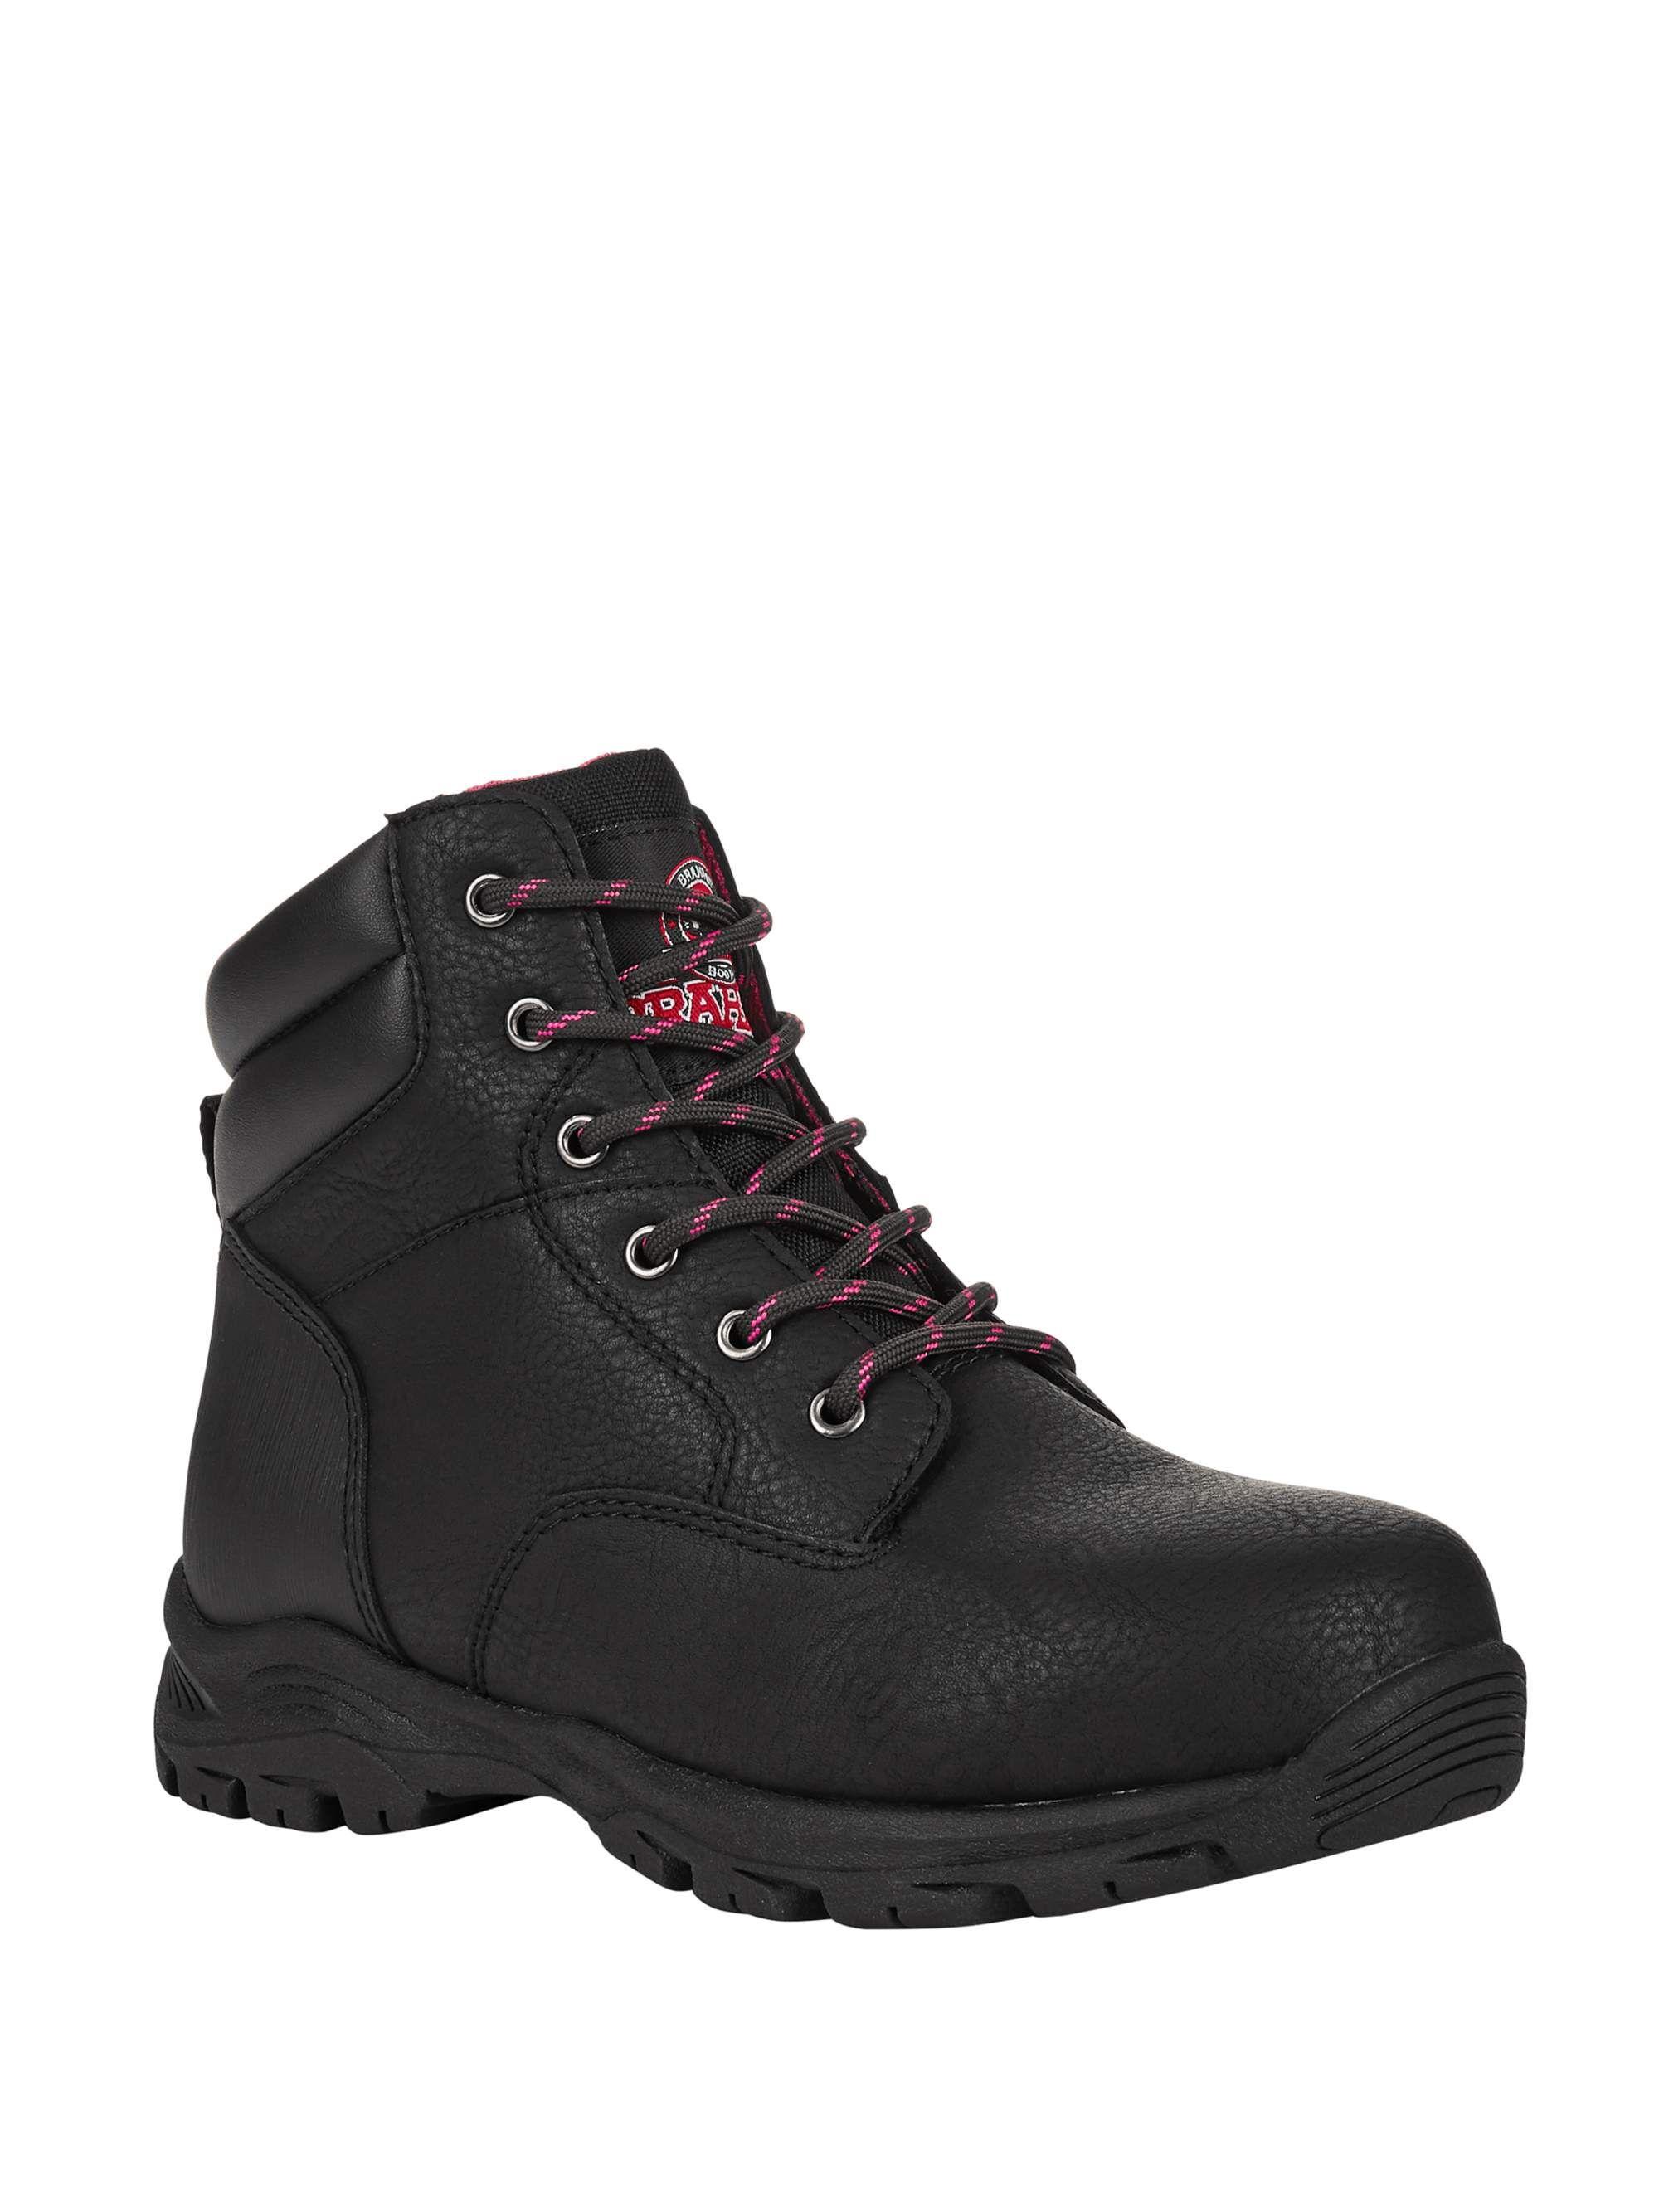 Steel toe work boots, Steel toe shoes